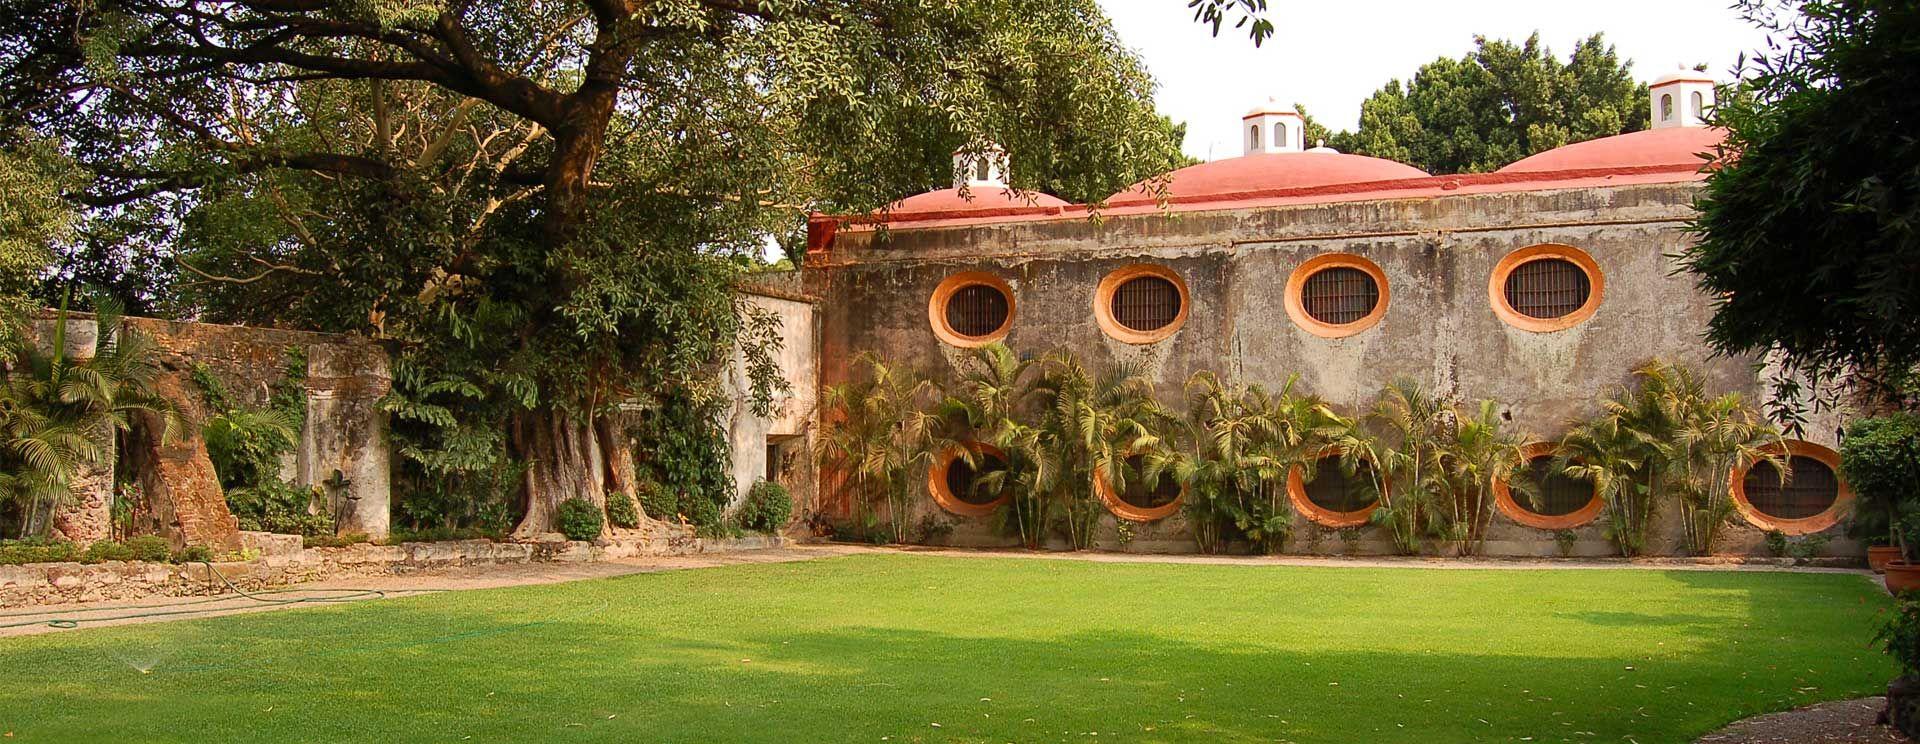 Hotel spa hacienda de cortes hoteles de lujo en for Oficinas de hacienda en sevilla